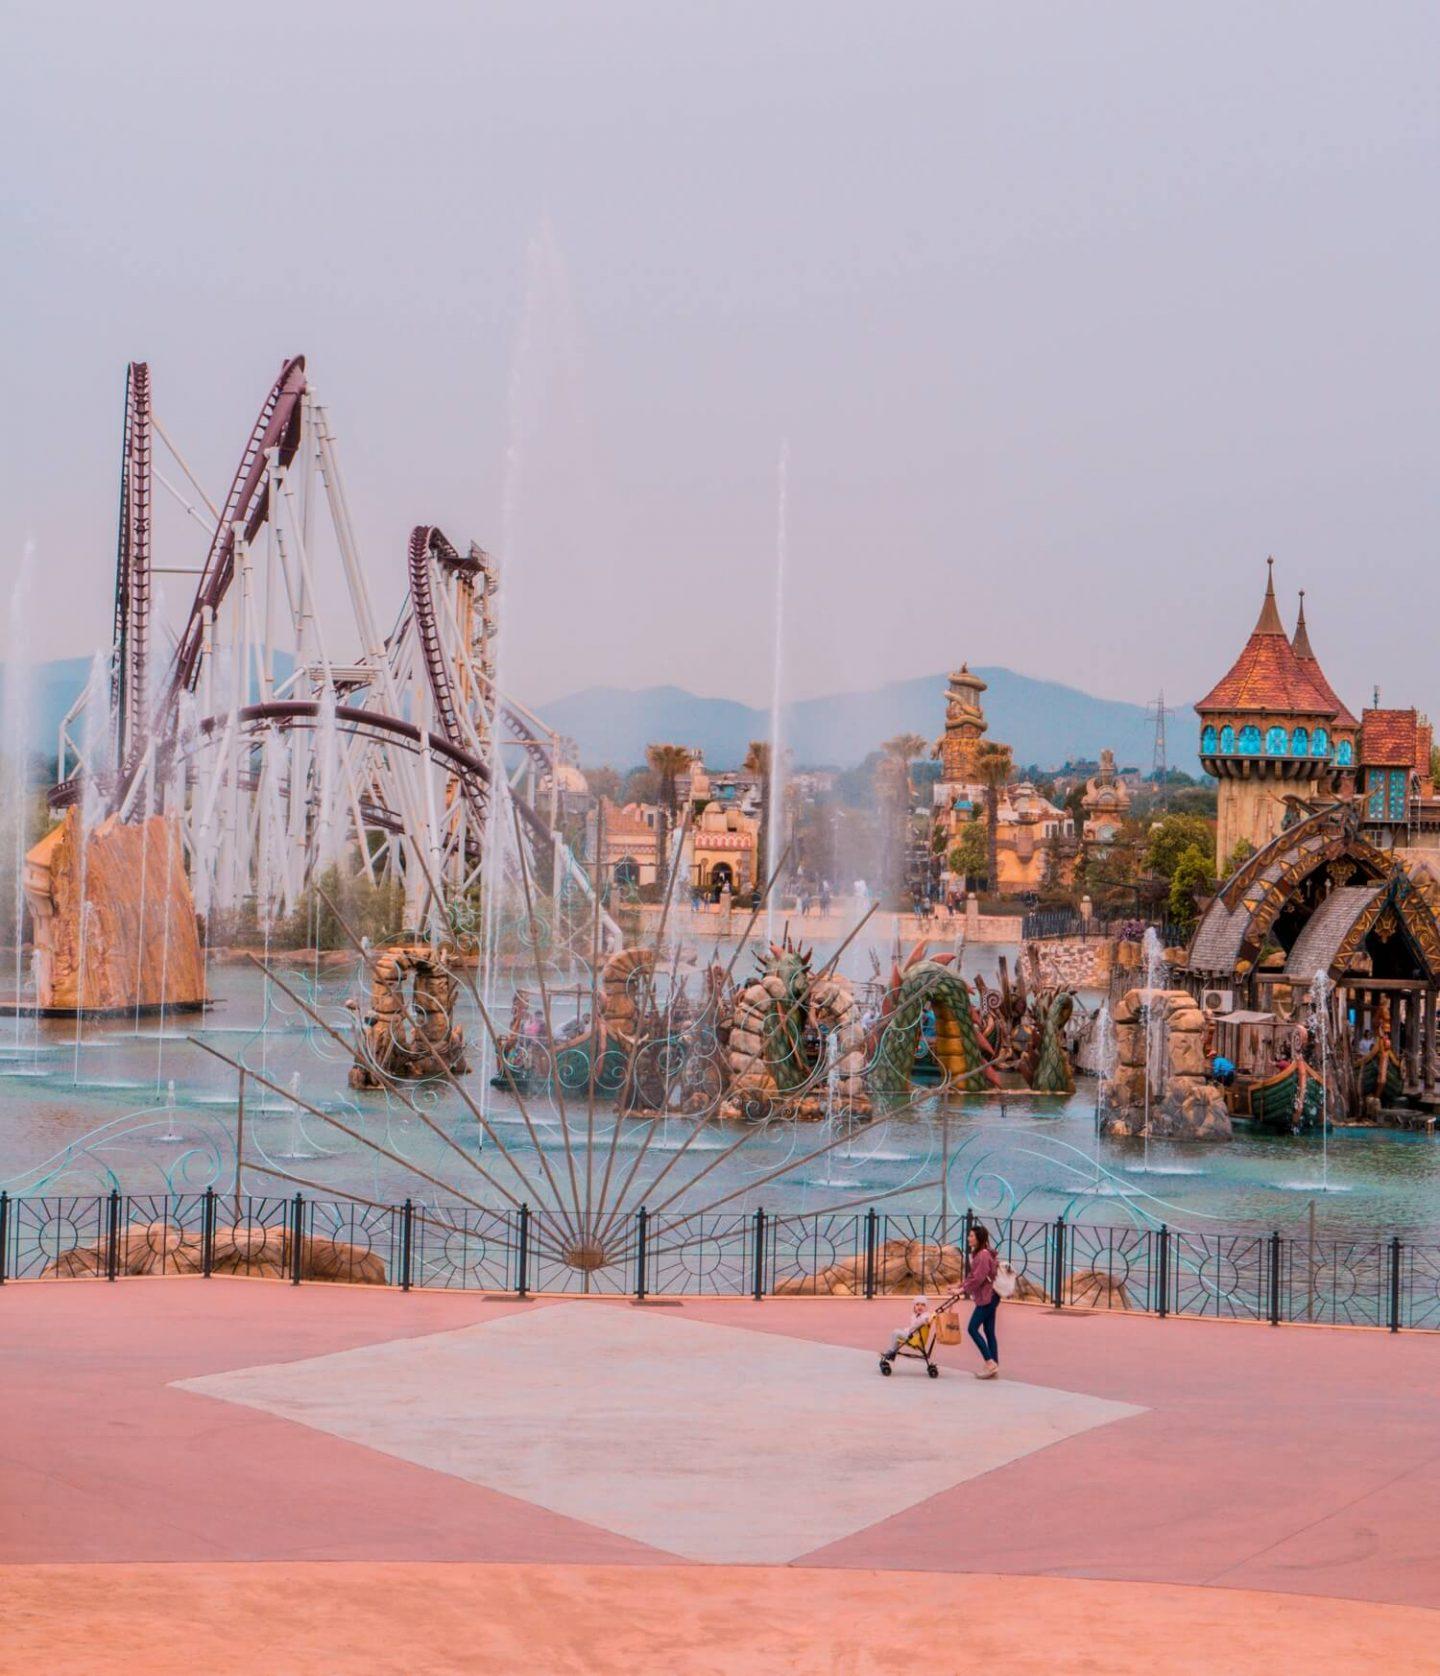 Mon avis sur le parc d'attractions Rainbow MagicLand (Rome)